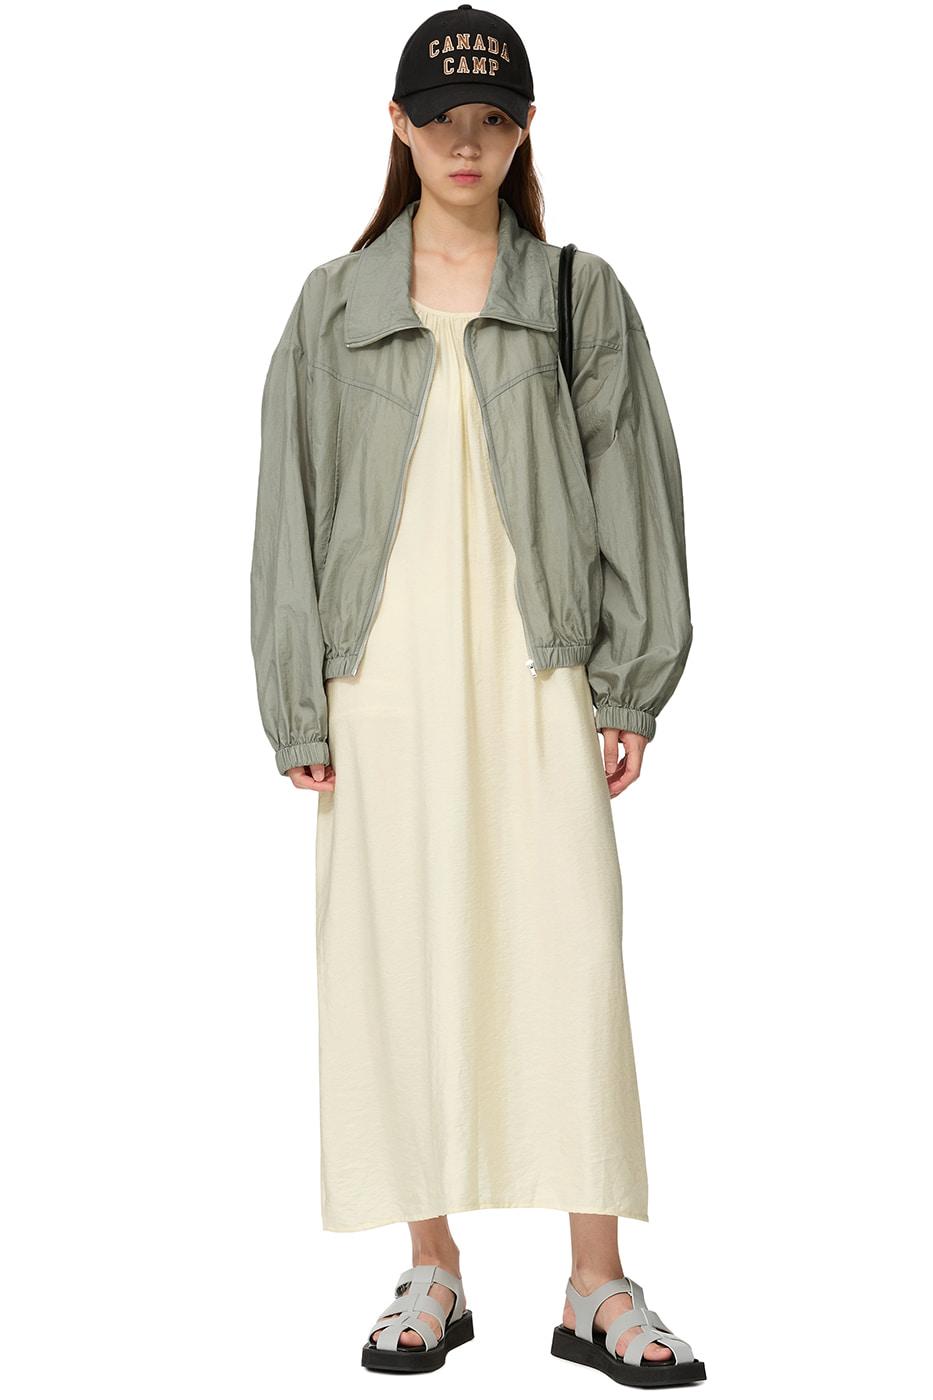 rebel wind zip-up jacket